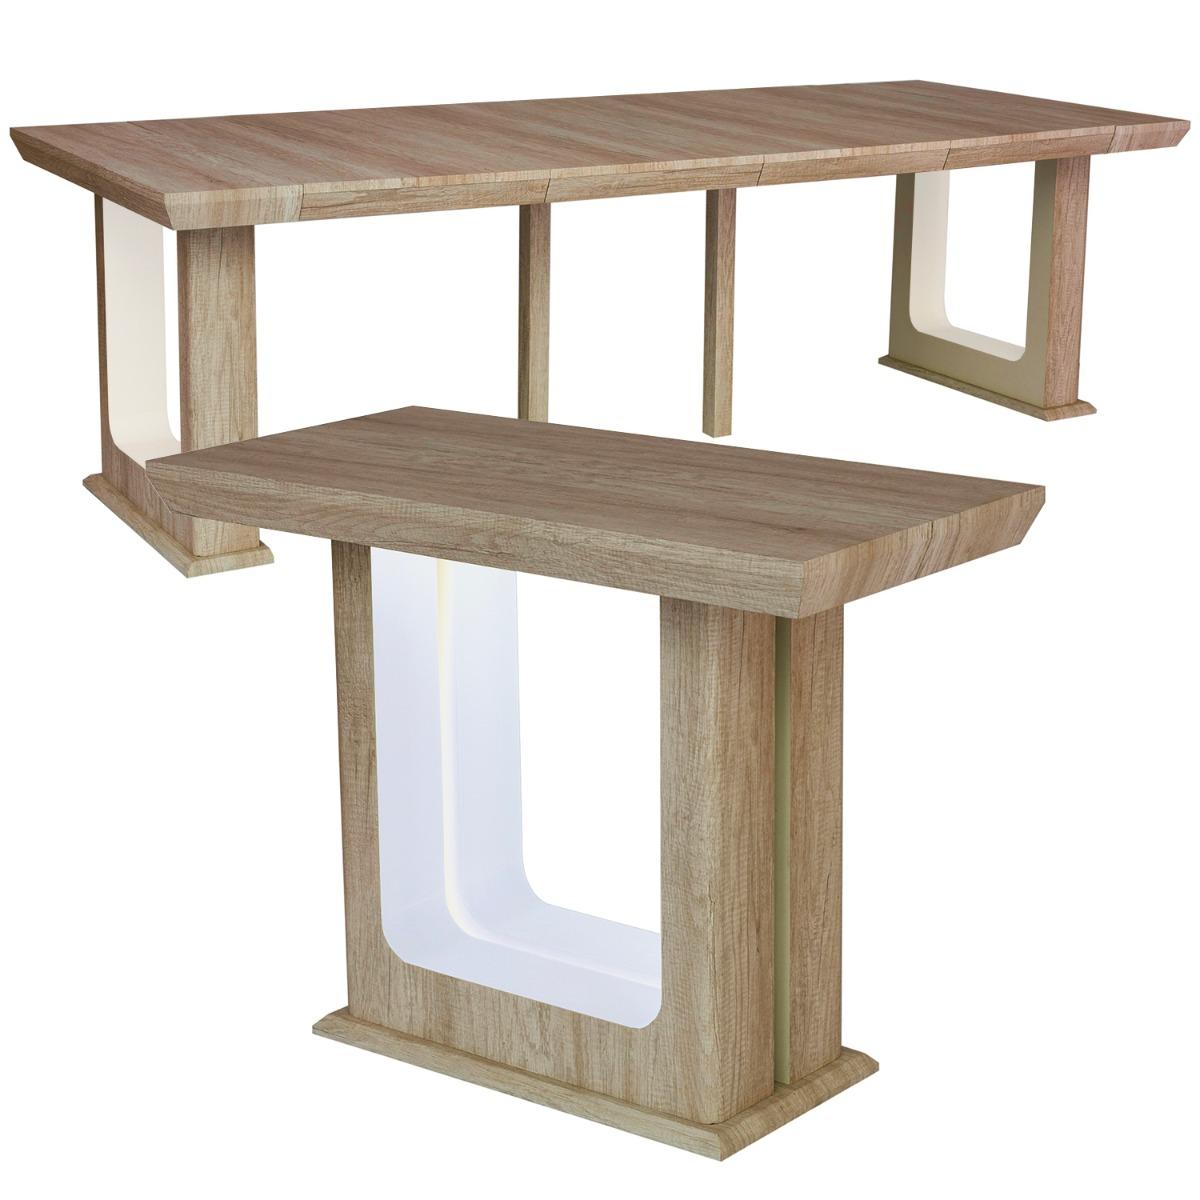 Table Console extensible 250cm Houston Chêne Vieilli